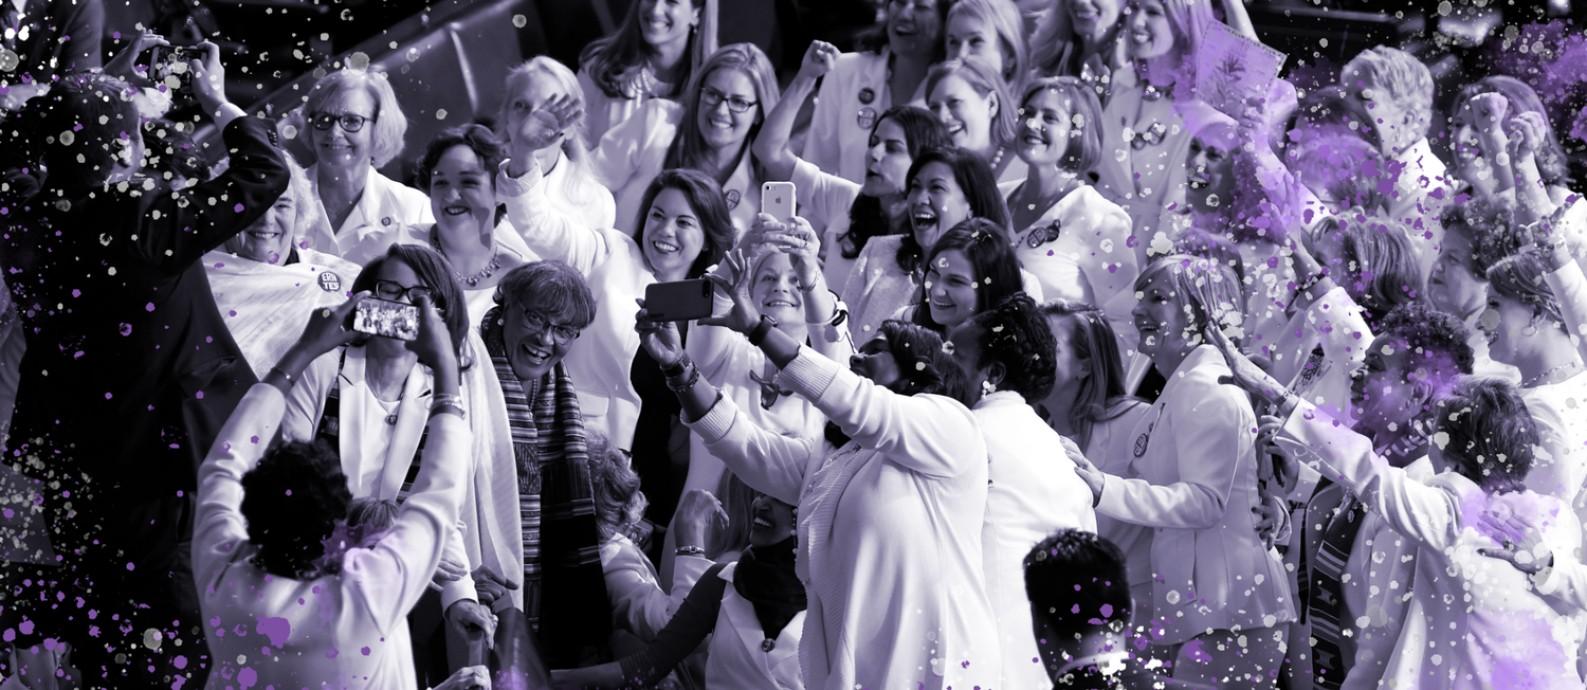 Congressistas, vestidas de branco em homenagem ao movimento sufragista feminino, posam para foto no Capitólio Foto: SAUL LOEB/Editoria de Arte / AFP/05-02-2019